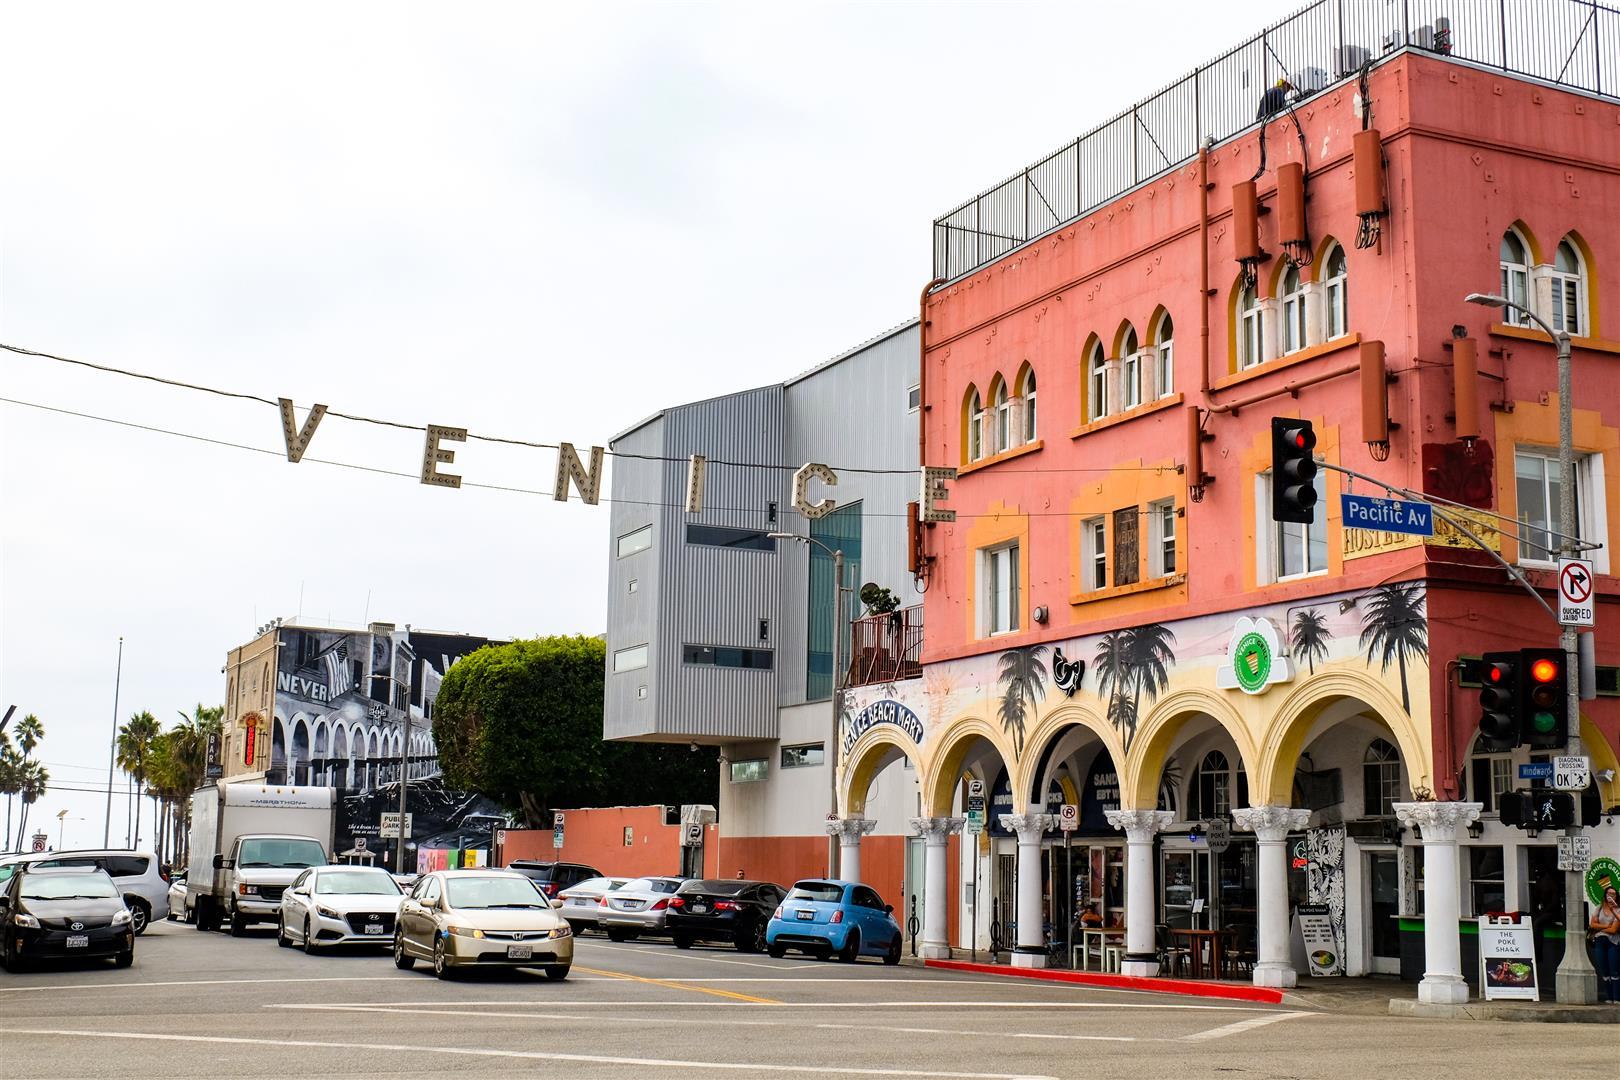 Venice Los Angeles (3)